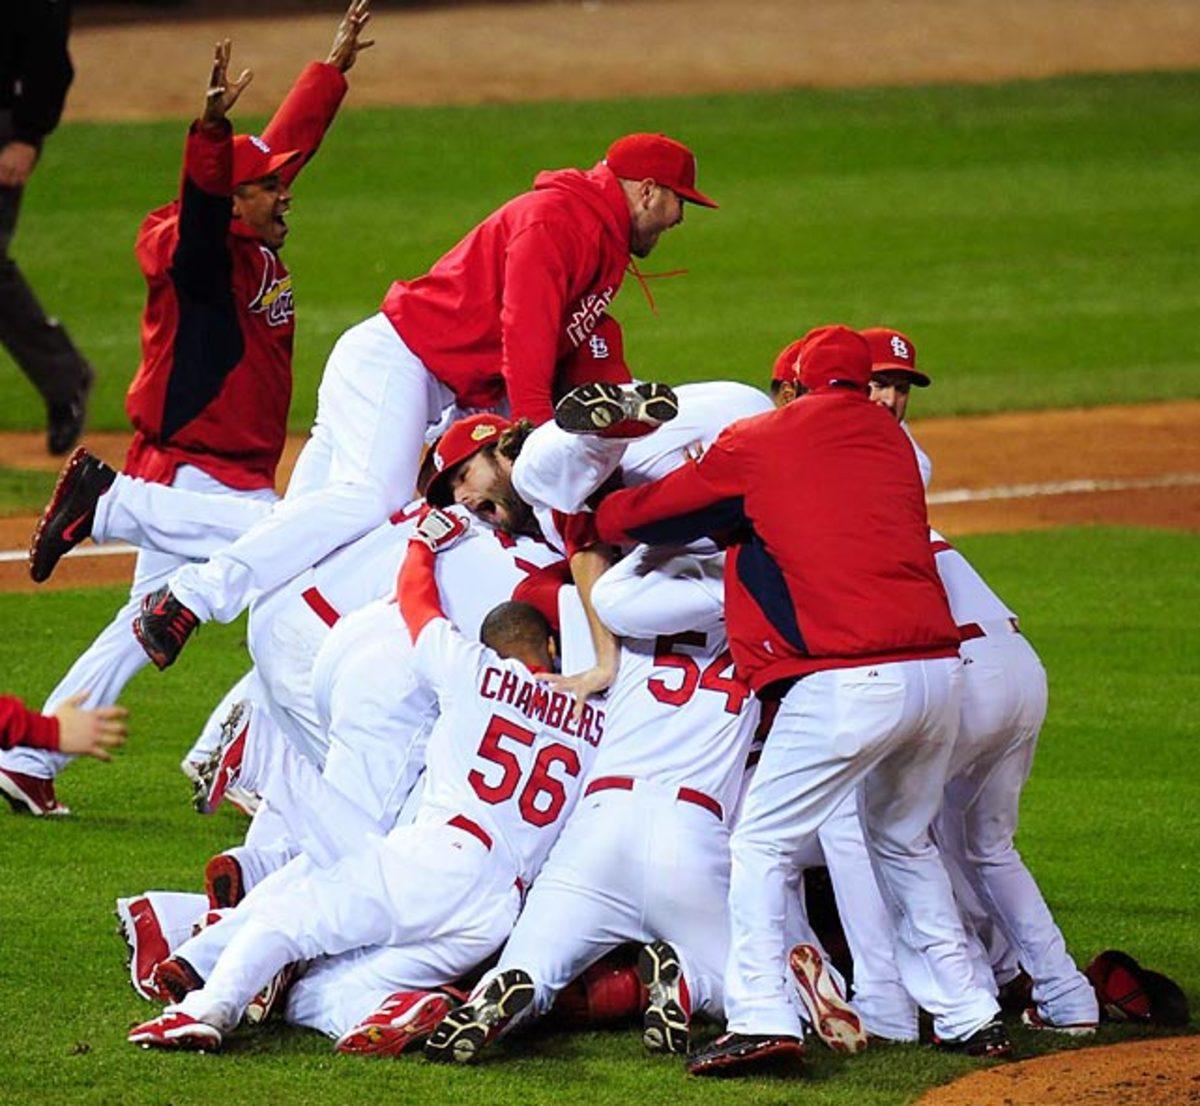 Cardinals defeat Rangers, 4-3